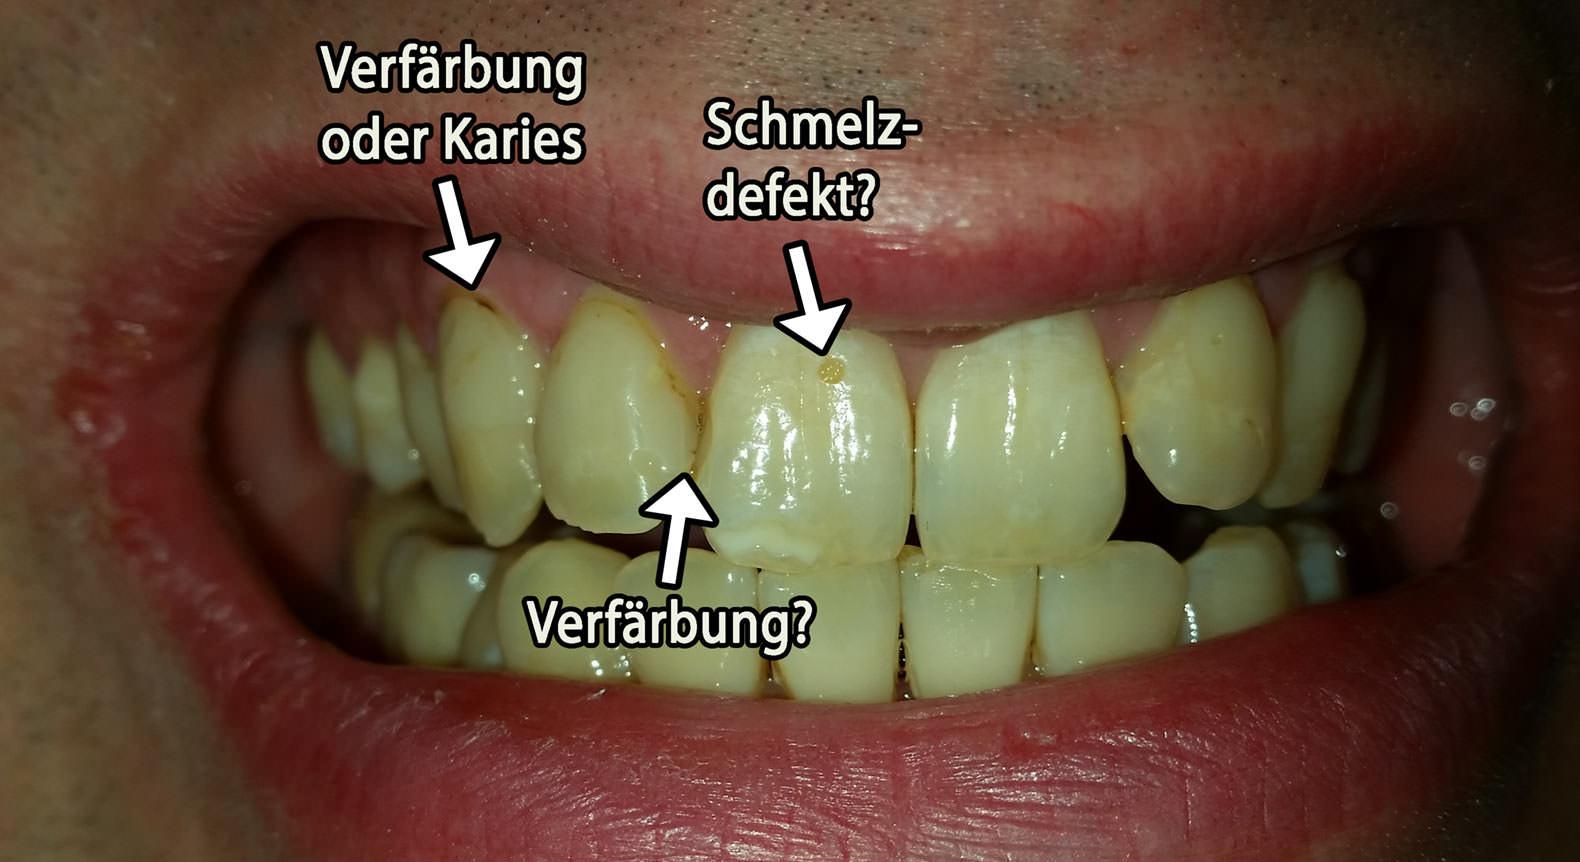 Fragen zu Zahnzustand in meiner Altersgruppe und Zahnfarbe